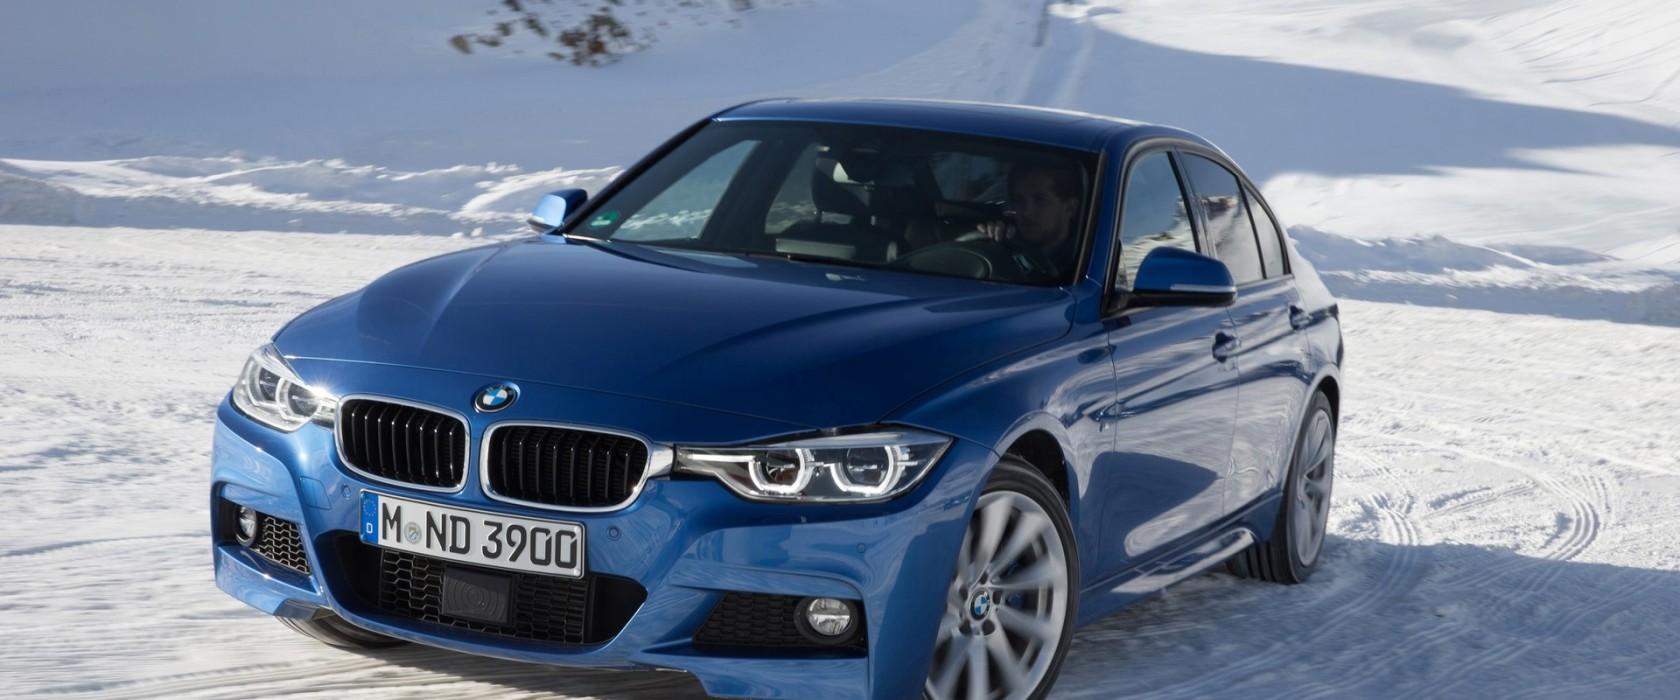 BMW440i-001